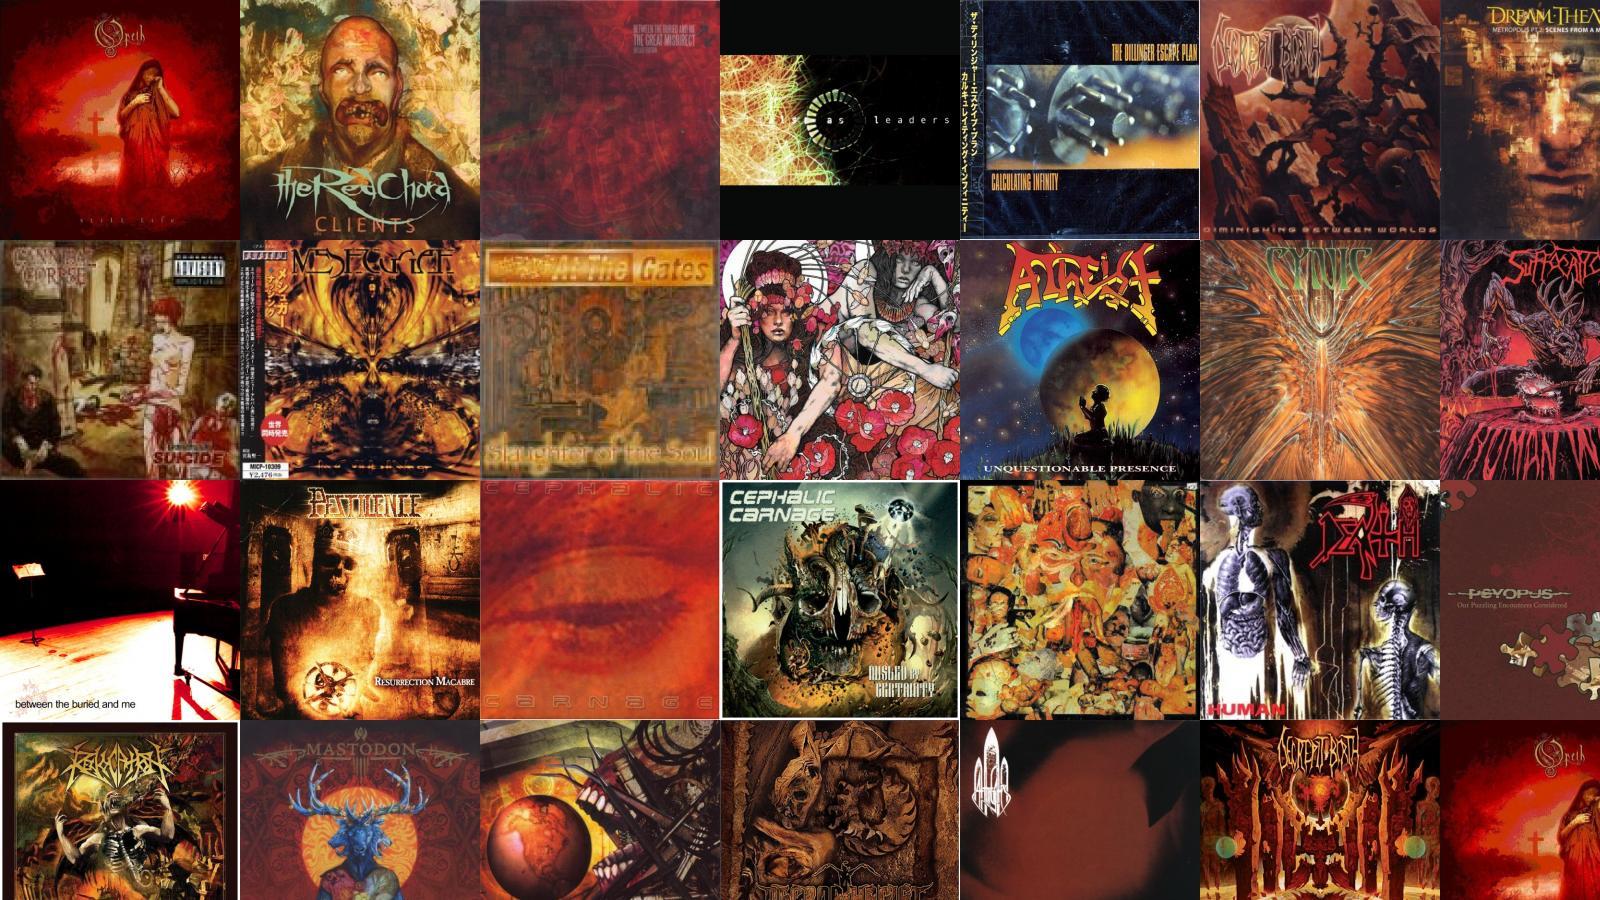 Meshuggah Tiled Desktop Wallpaper